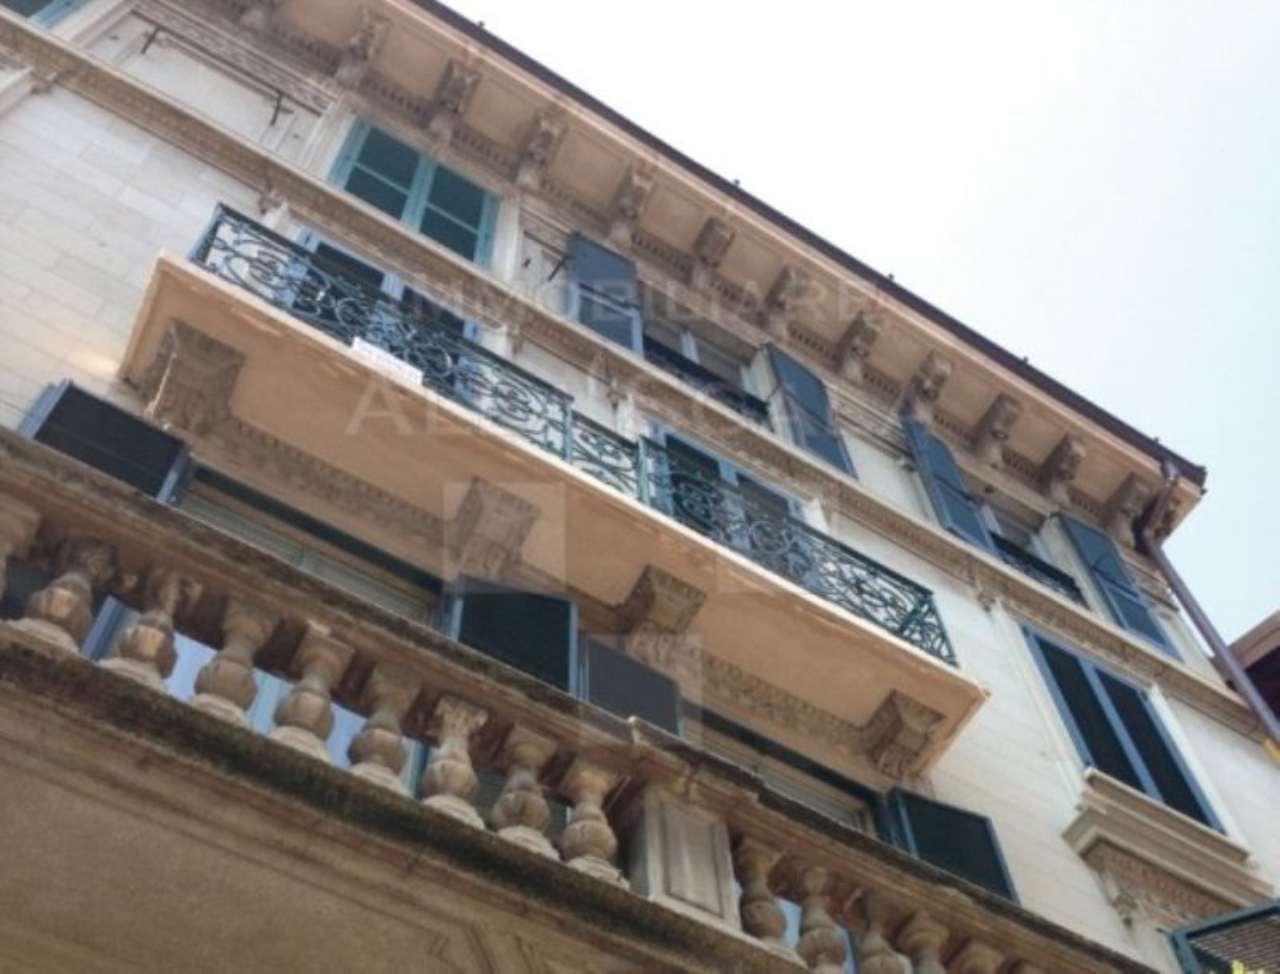 Appartamento in vendita a Milano, 3 locali, zona Zona: 1 . Centro Storico, Duomo, Brera, Cadorna, Cattolica, prezzo € 990.000 | CambioCasa.it